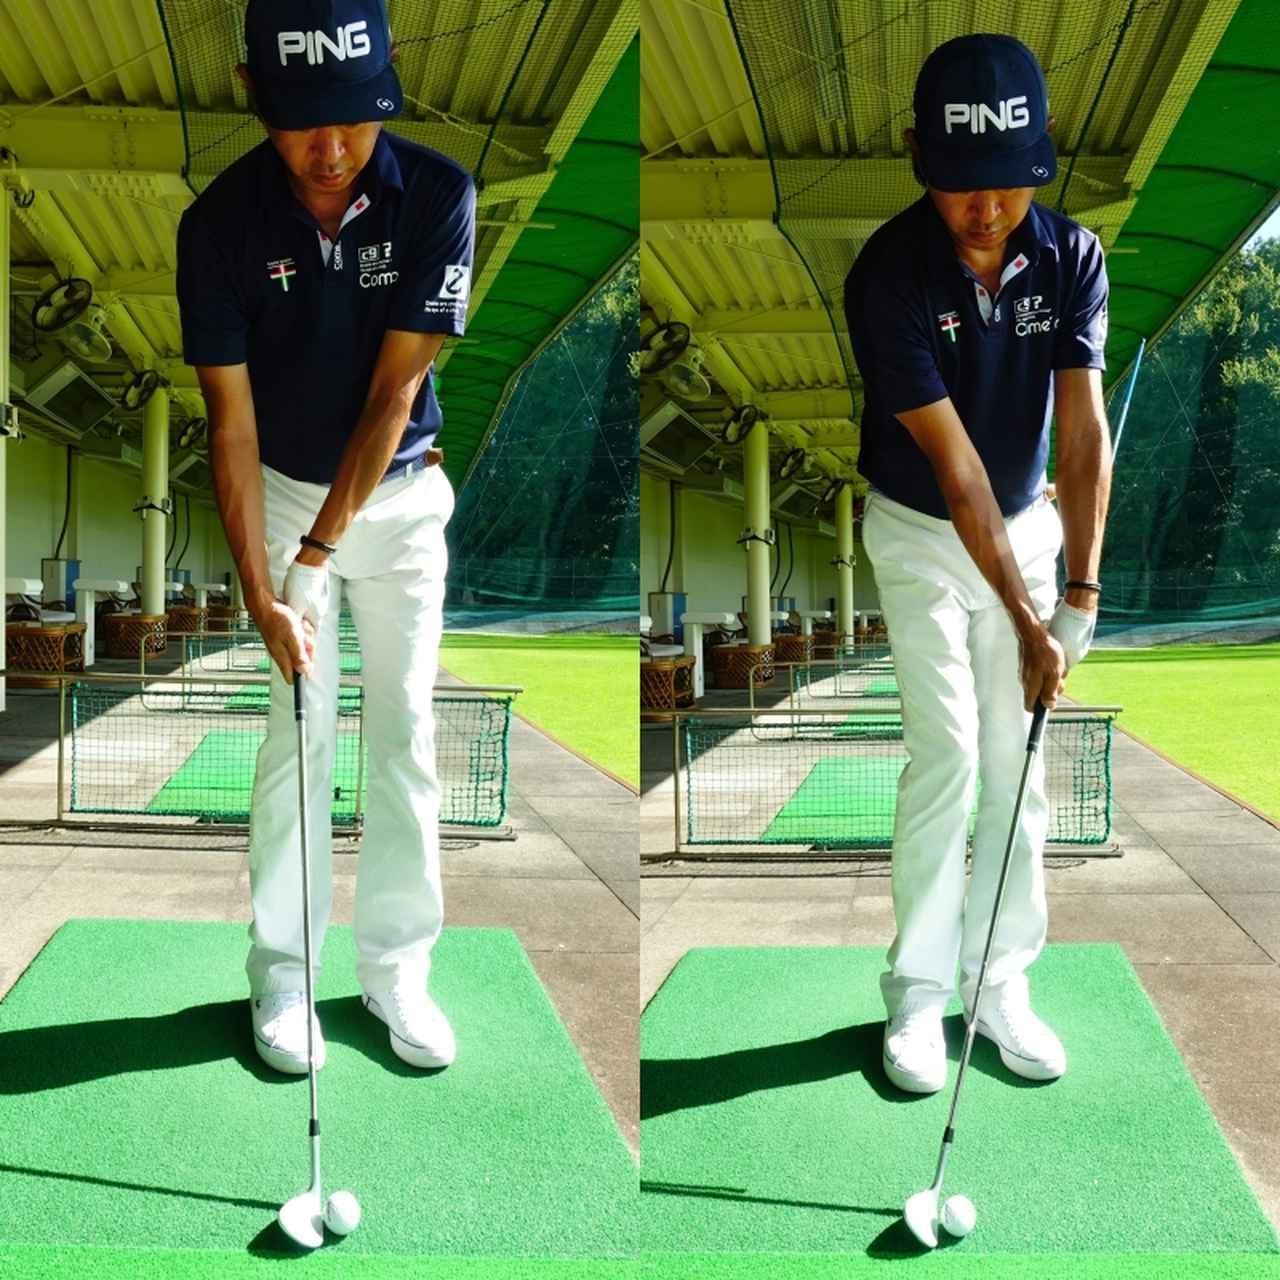 画像: ボールをすくう動き(左)をせずにボールより手元が先行したハンドファーストな形(右)でインパクトする